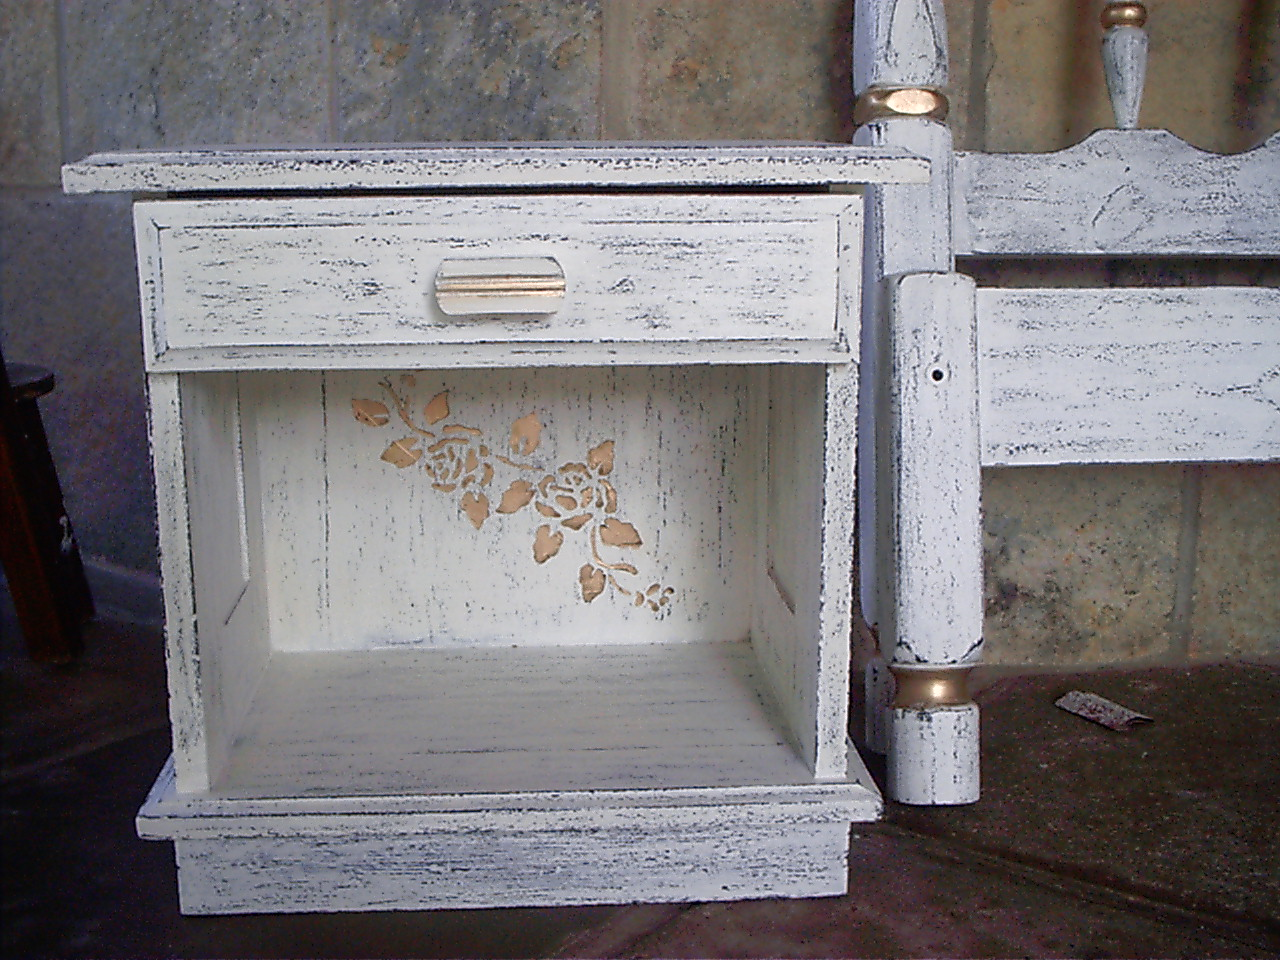 de restauração dando um novo aspecto à madeira renovando a ou #796252 1280x960